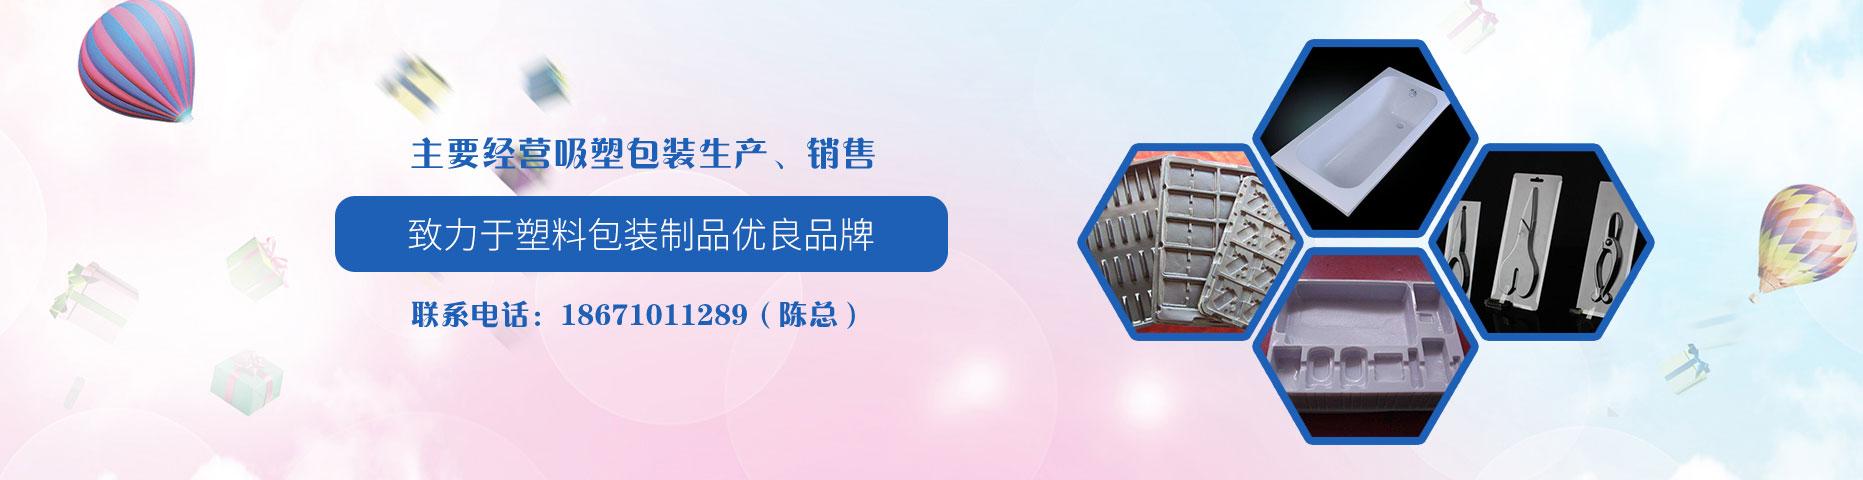 襄阳喆立塑料包装制品有限公司